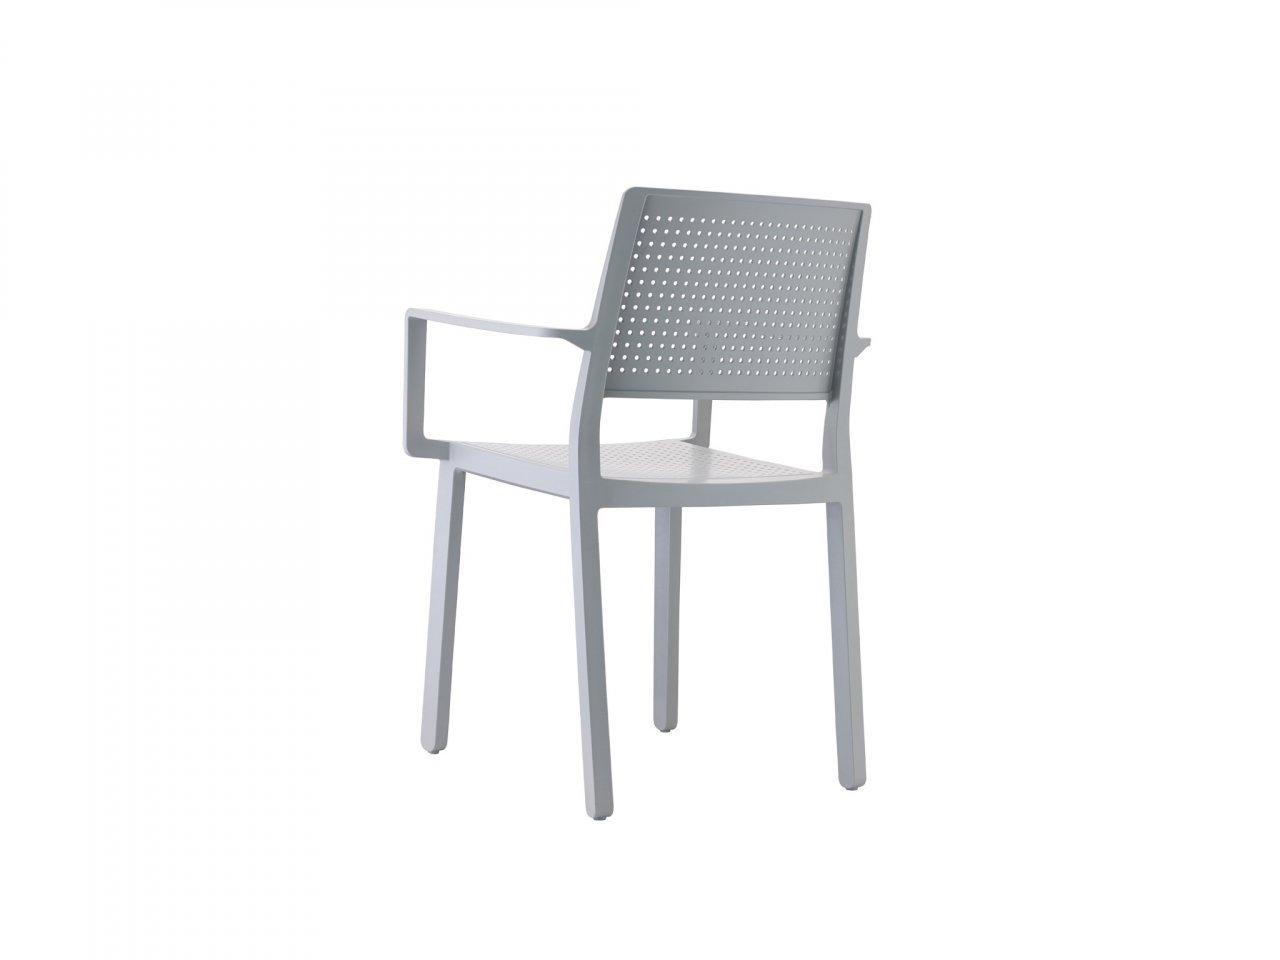 Sedia Con Braccioli Emi - v23